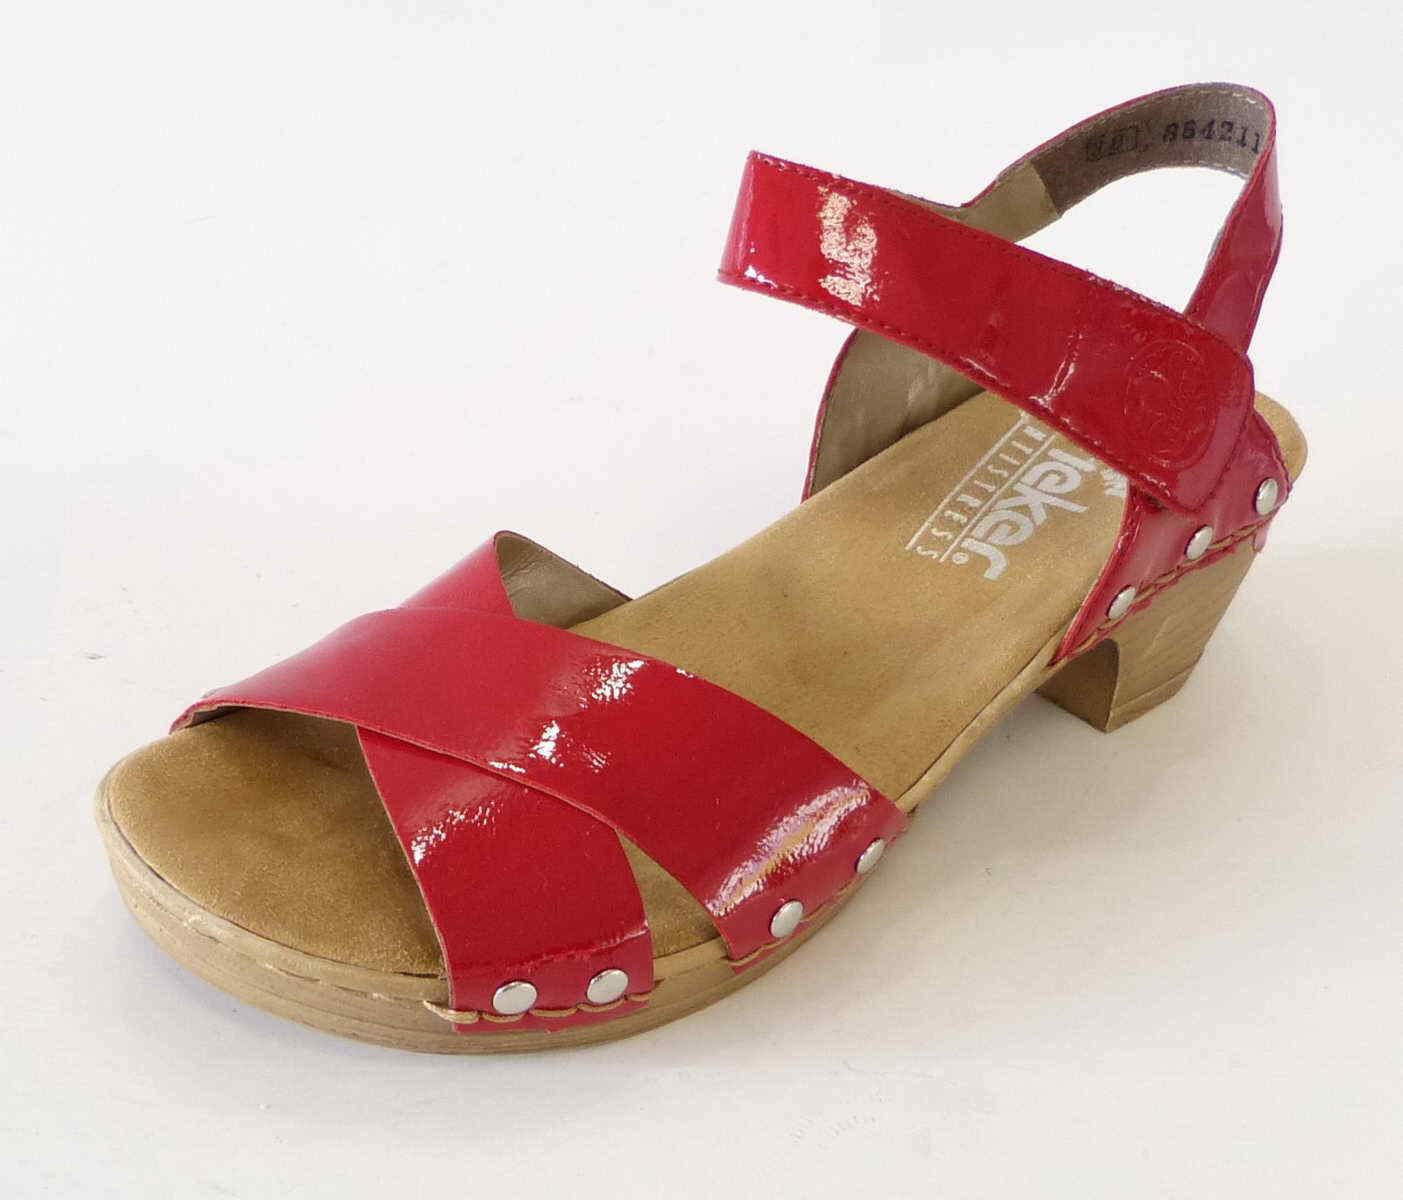 Rieker Sandale Grace rouge Soft Coussin antistress en finition bois 66866 33